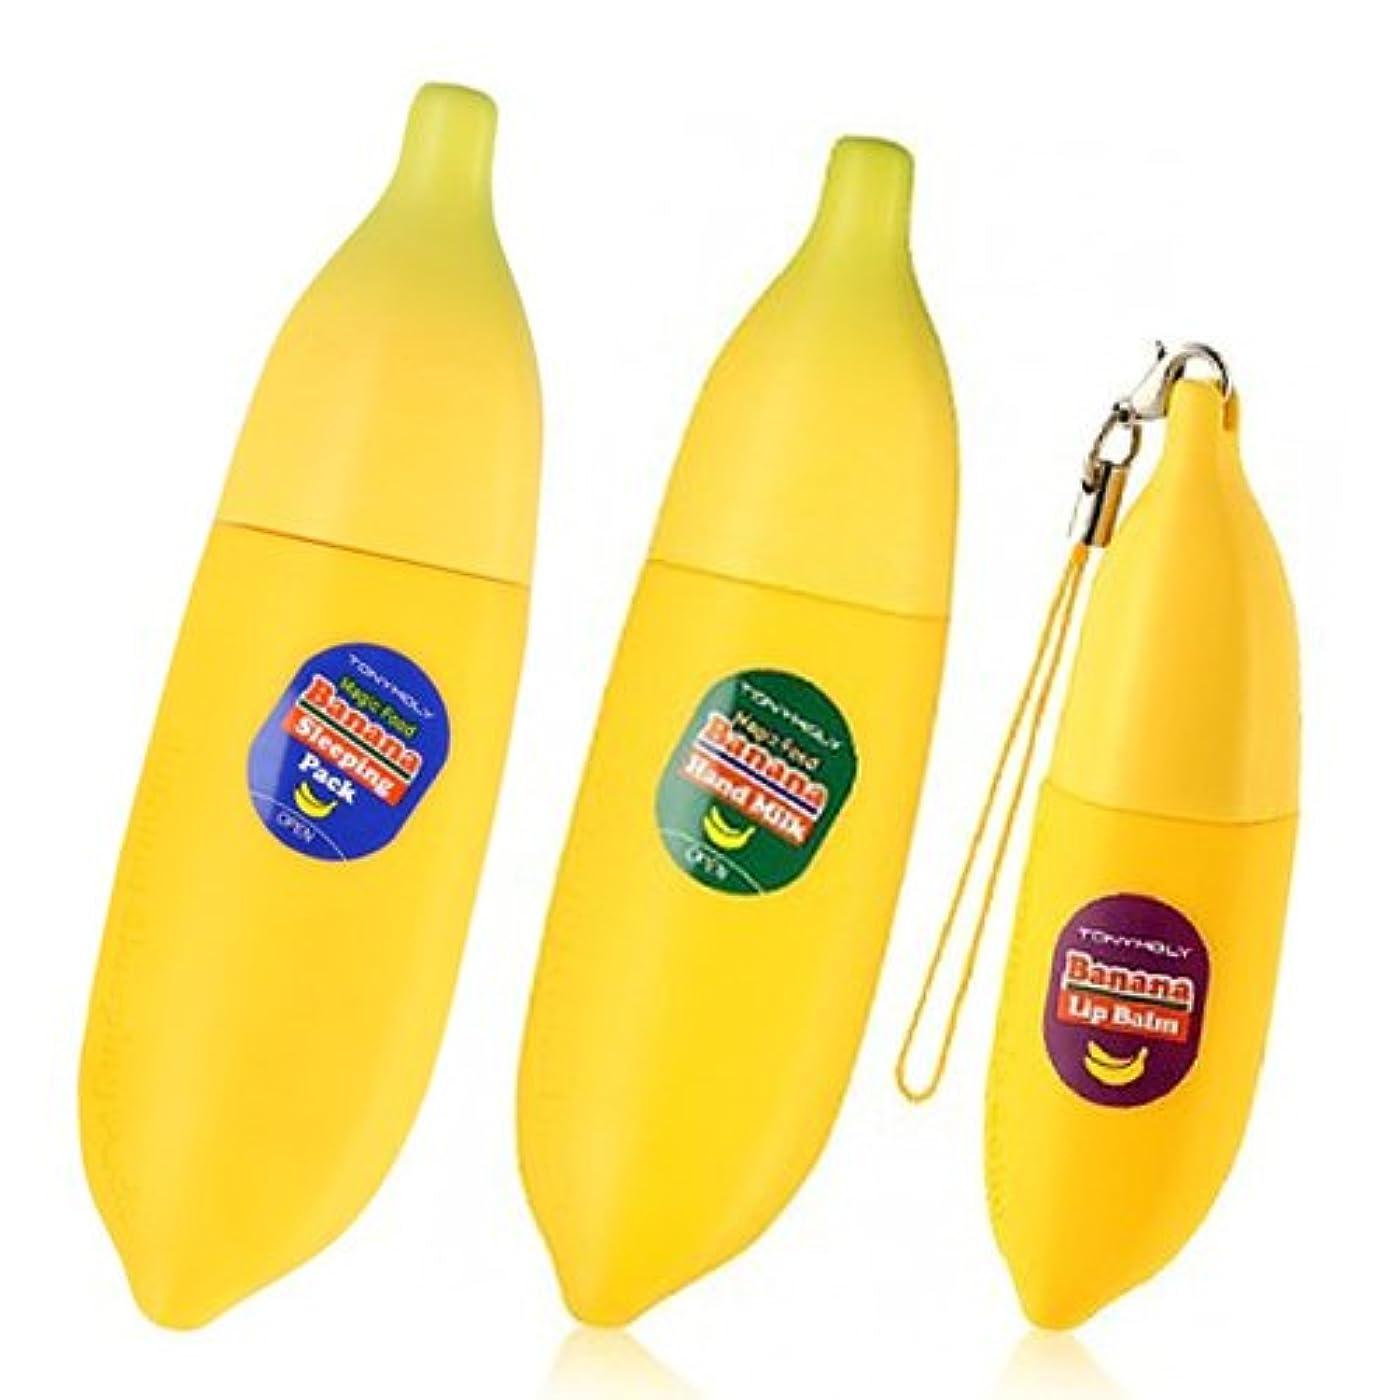 思いつく香ばしい主張するTONYMOLY (トニーモリ―) マジックフードバナナ3種類1セット(スリーピングパック+ハンドクリーム+リップバーム) Magic Food Banana of 3 Types (Sleeping Pack+Hand...